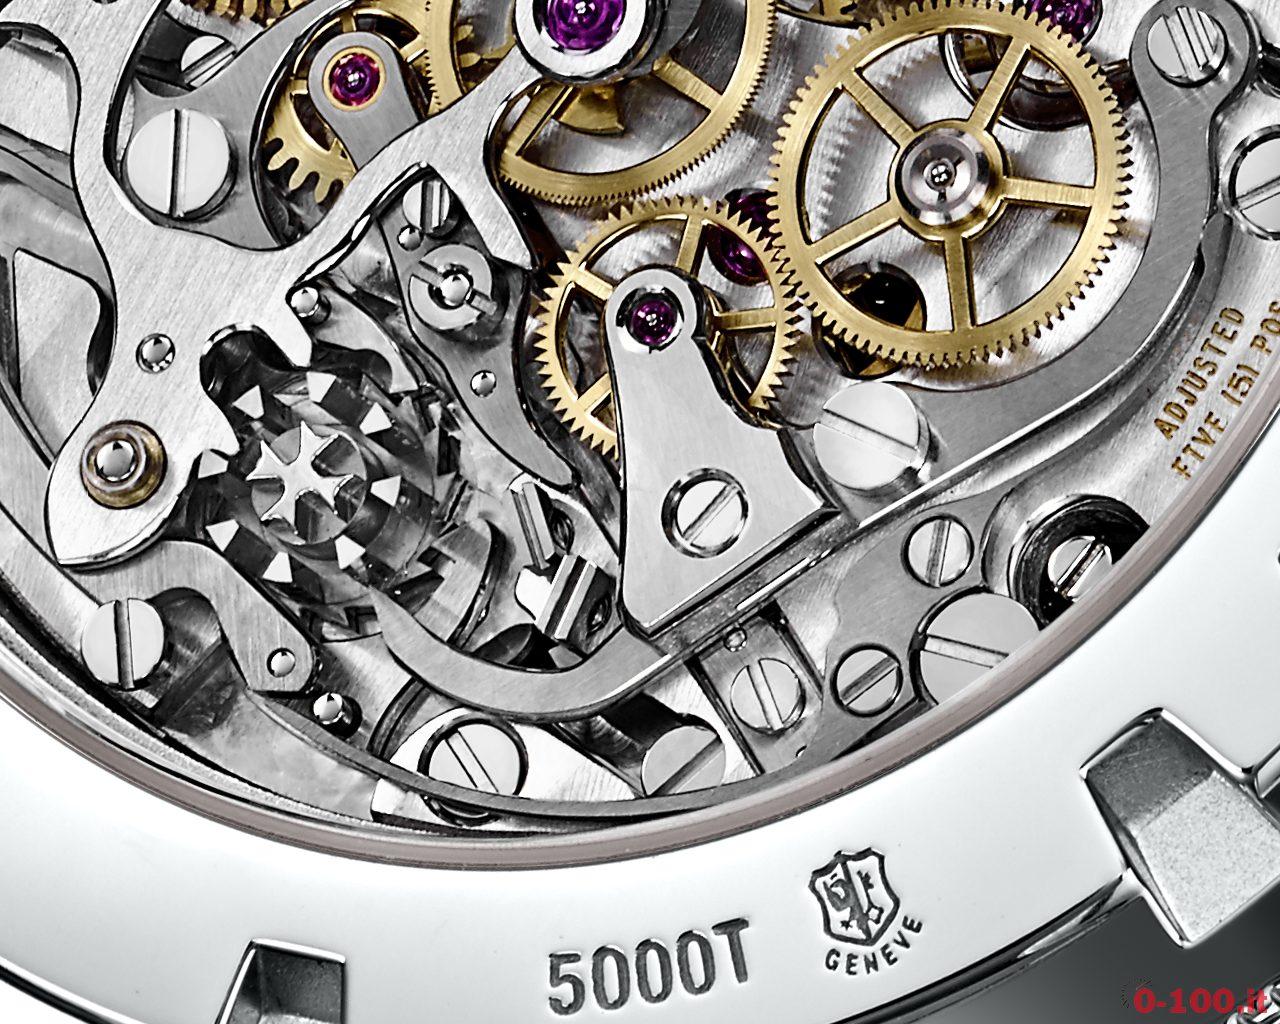 vacheron-constantin-traditionnelle-cronografo-con-calendario-perpetuo-ref-5000t000p-b048-prezzo-price_0-1009